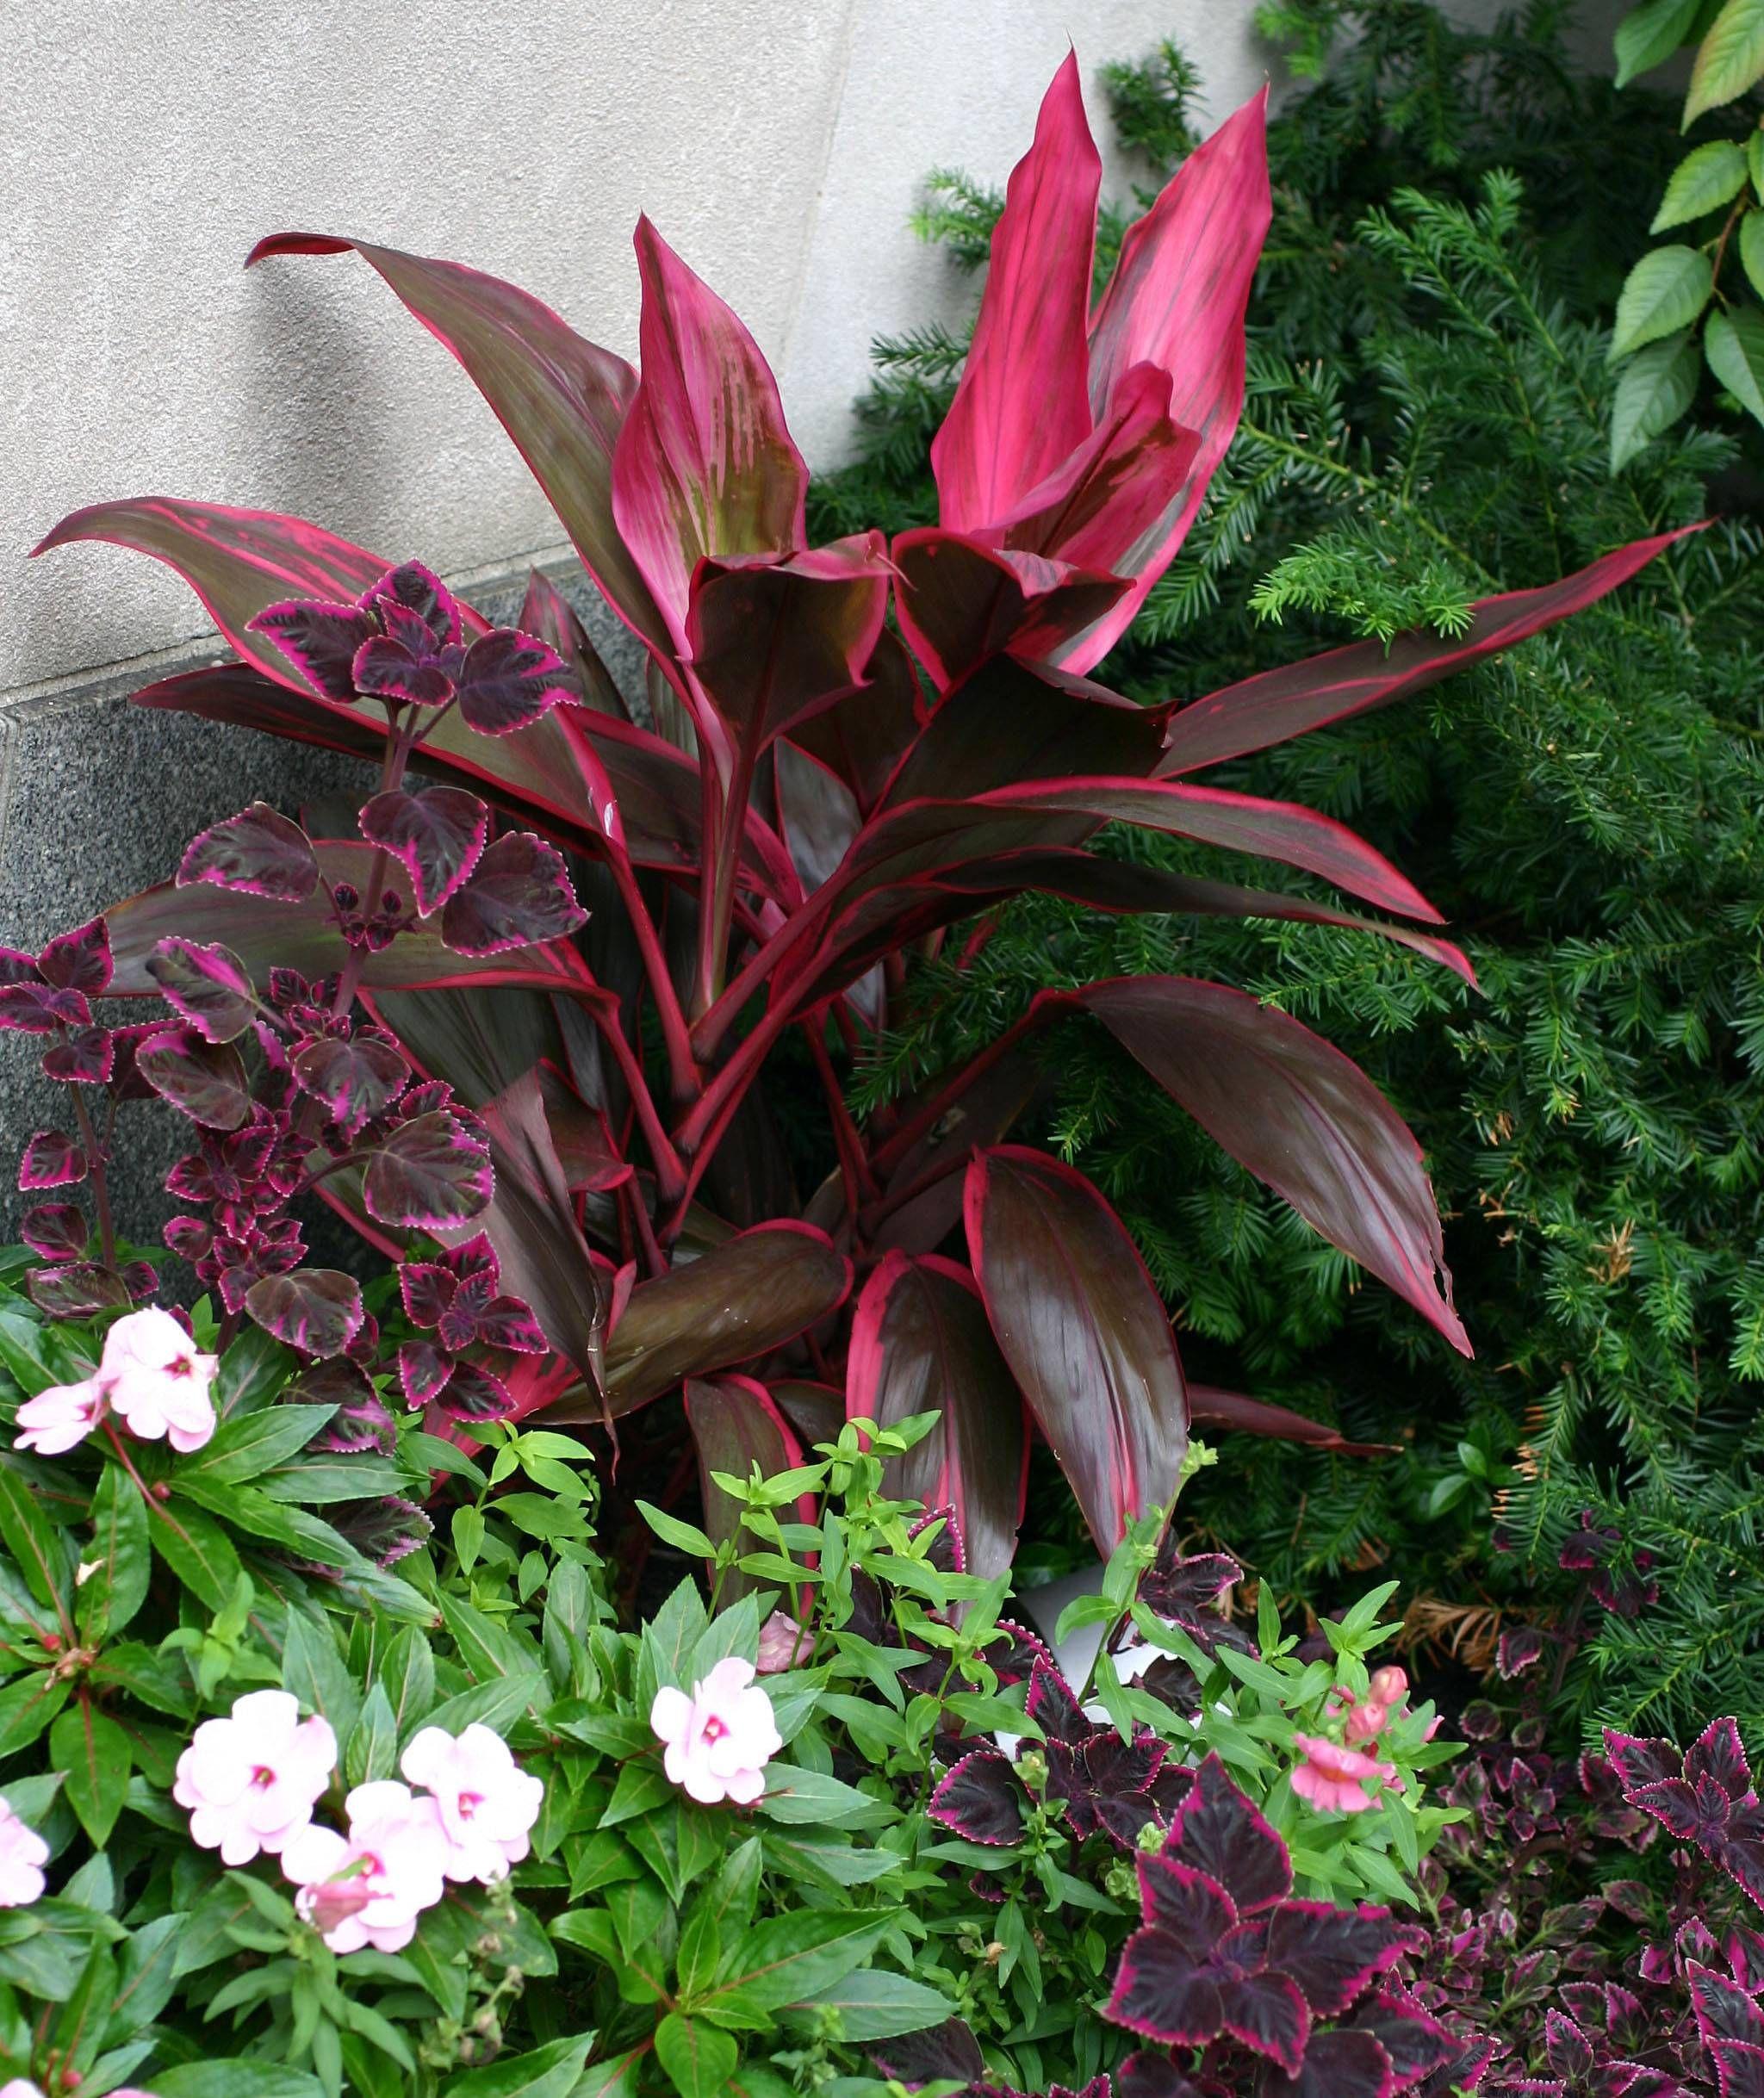 Http I Pbase Com U46 Hjsteed Upload 35290287 041009047 Jpg Plants Landscaping Plants Planting Flowers